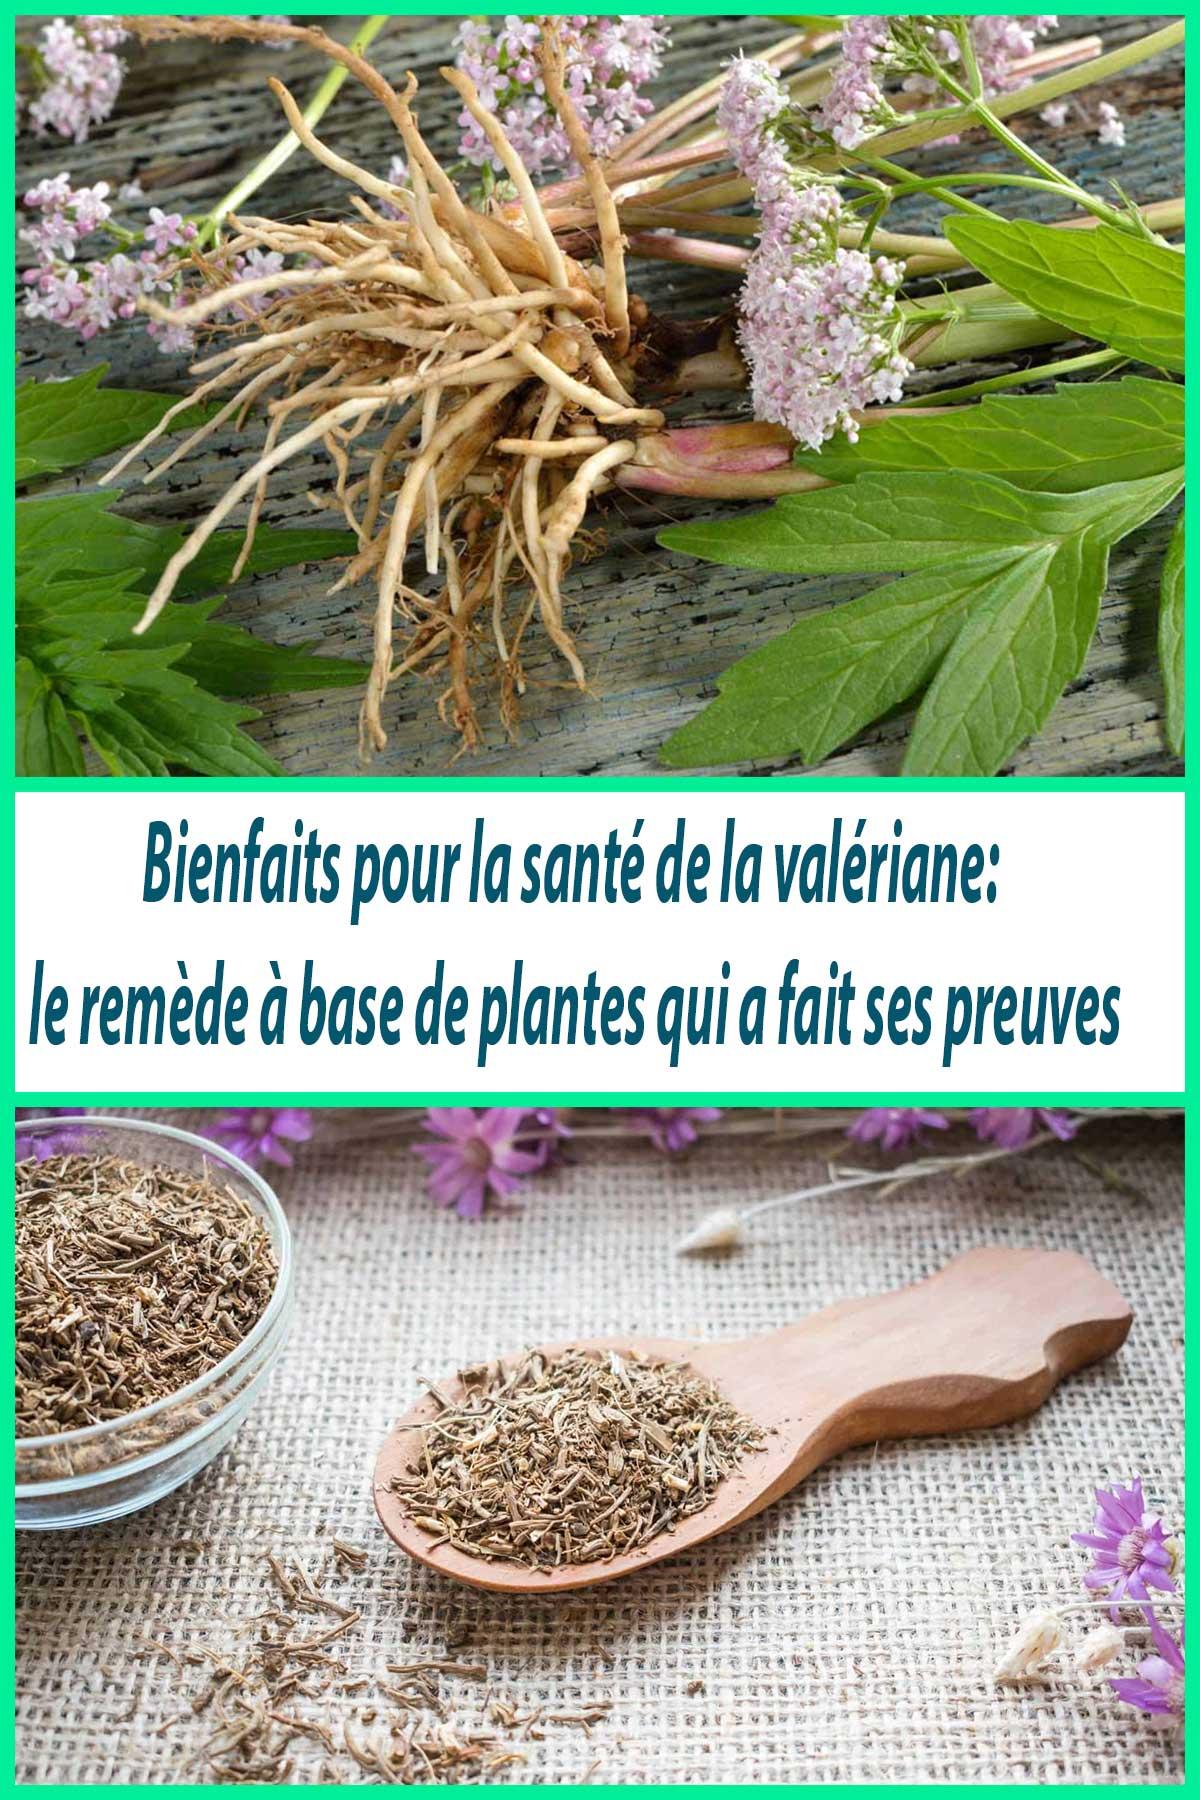 Bienfaits pour la santé de la valériane: le remède à base de plantes qui a fait ses preuves